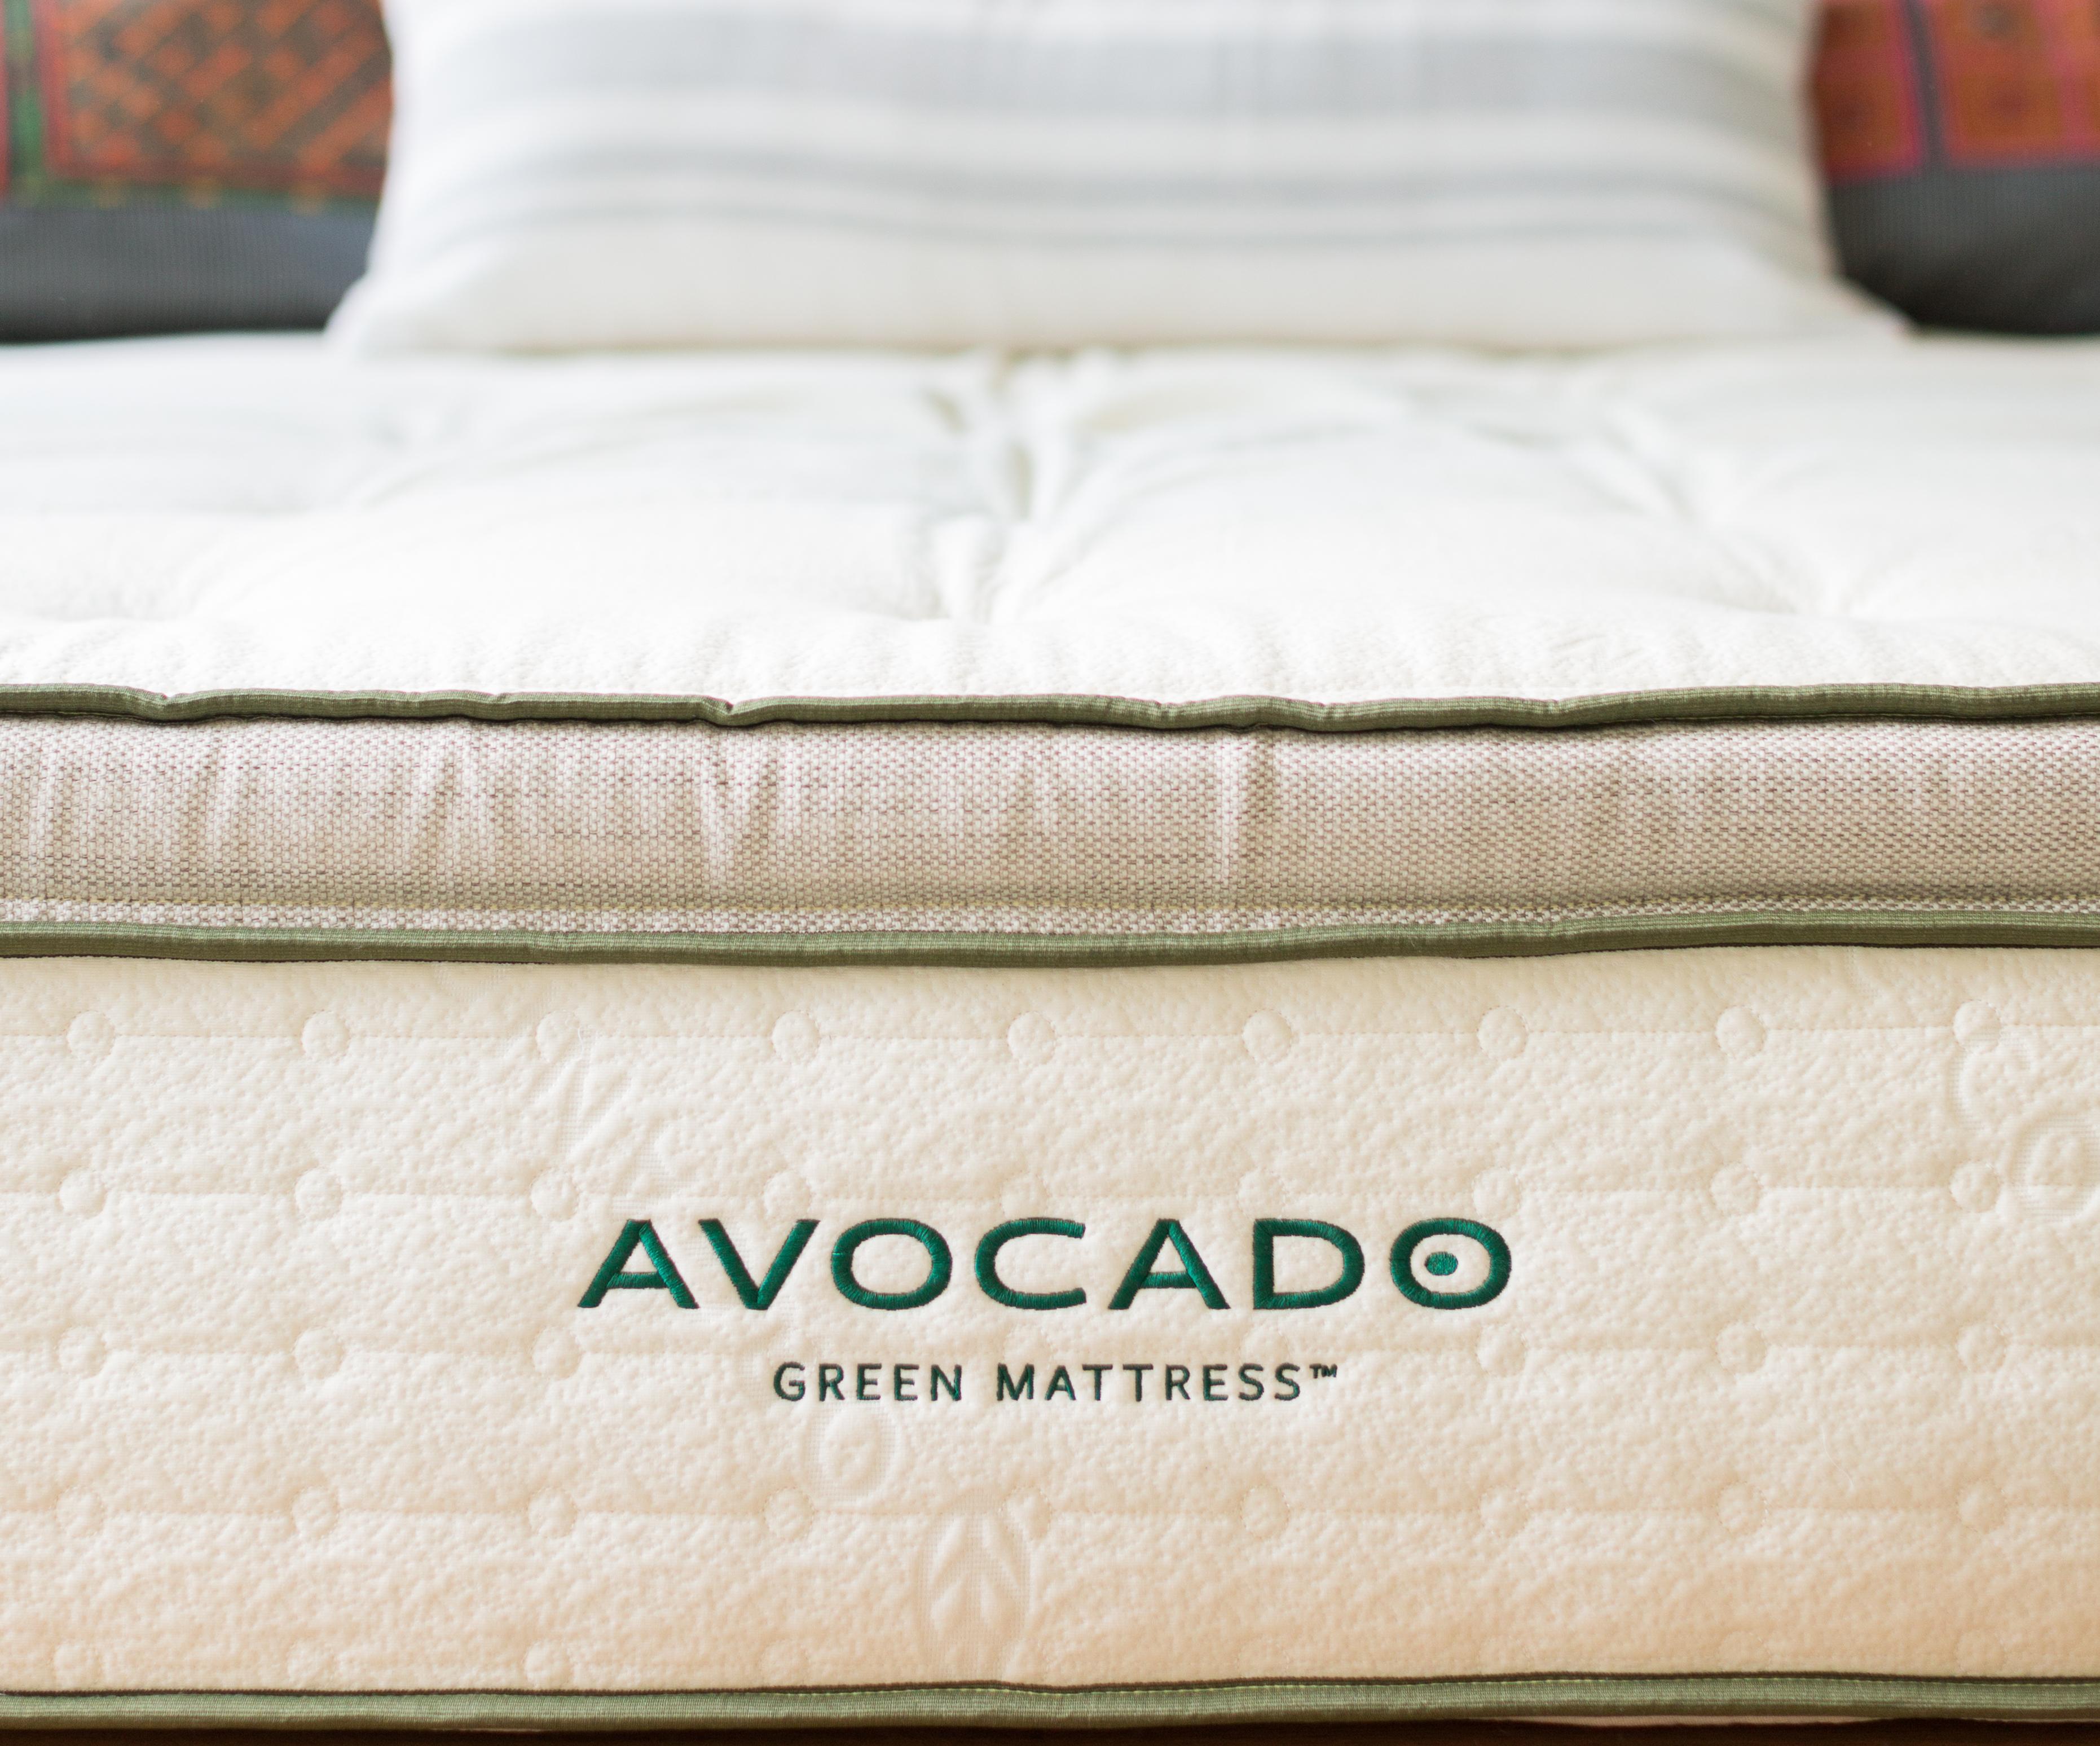 avocado mattress reviews goodbed com